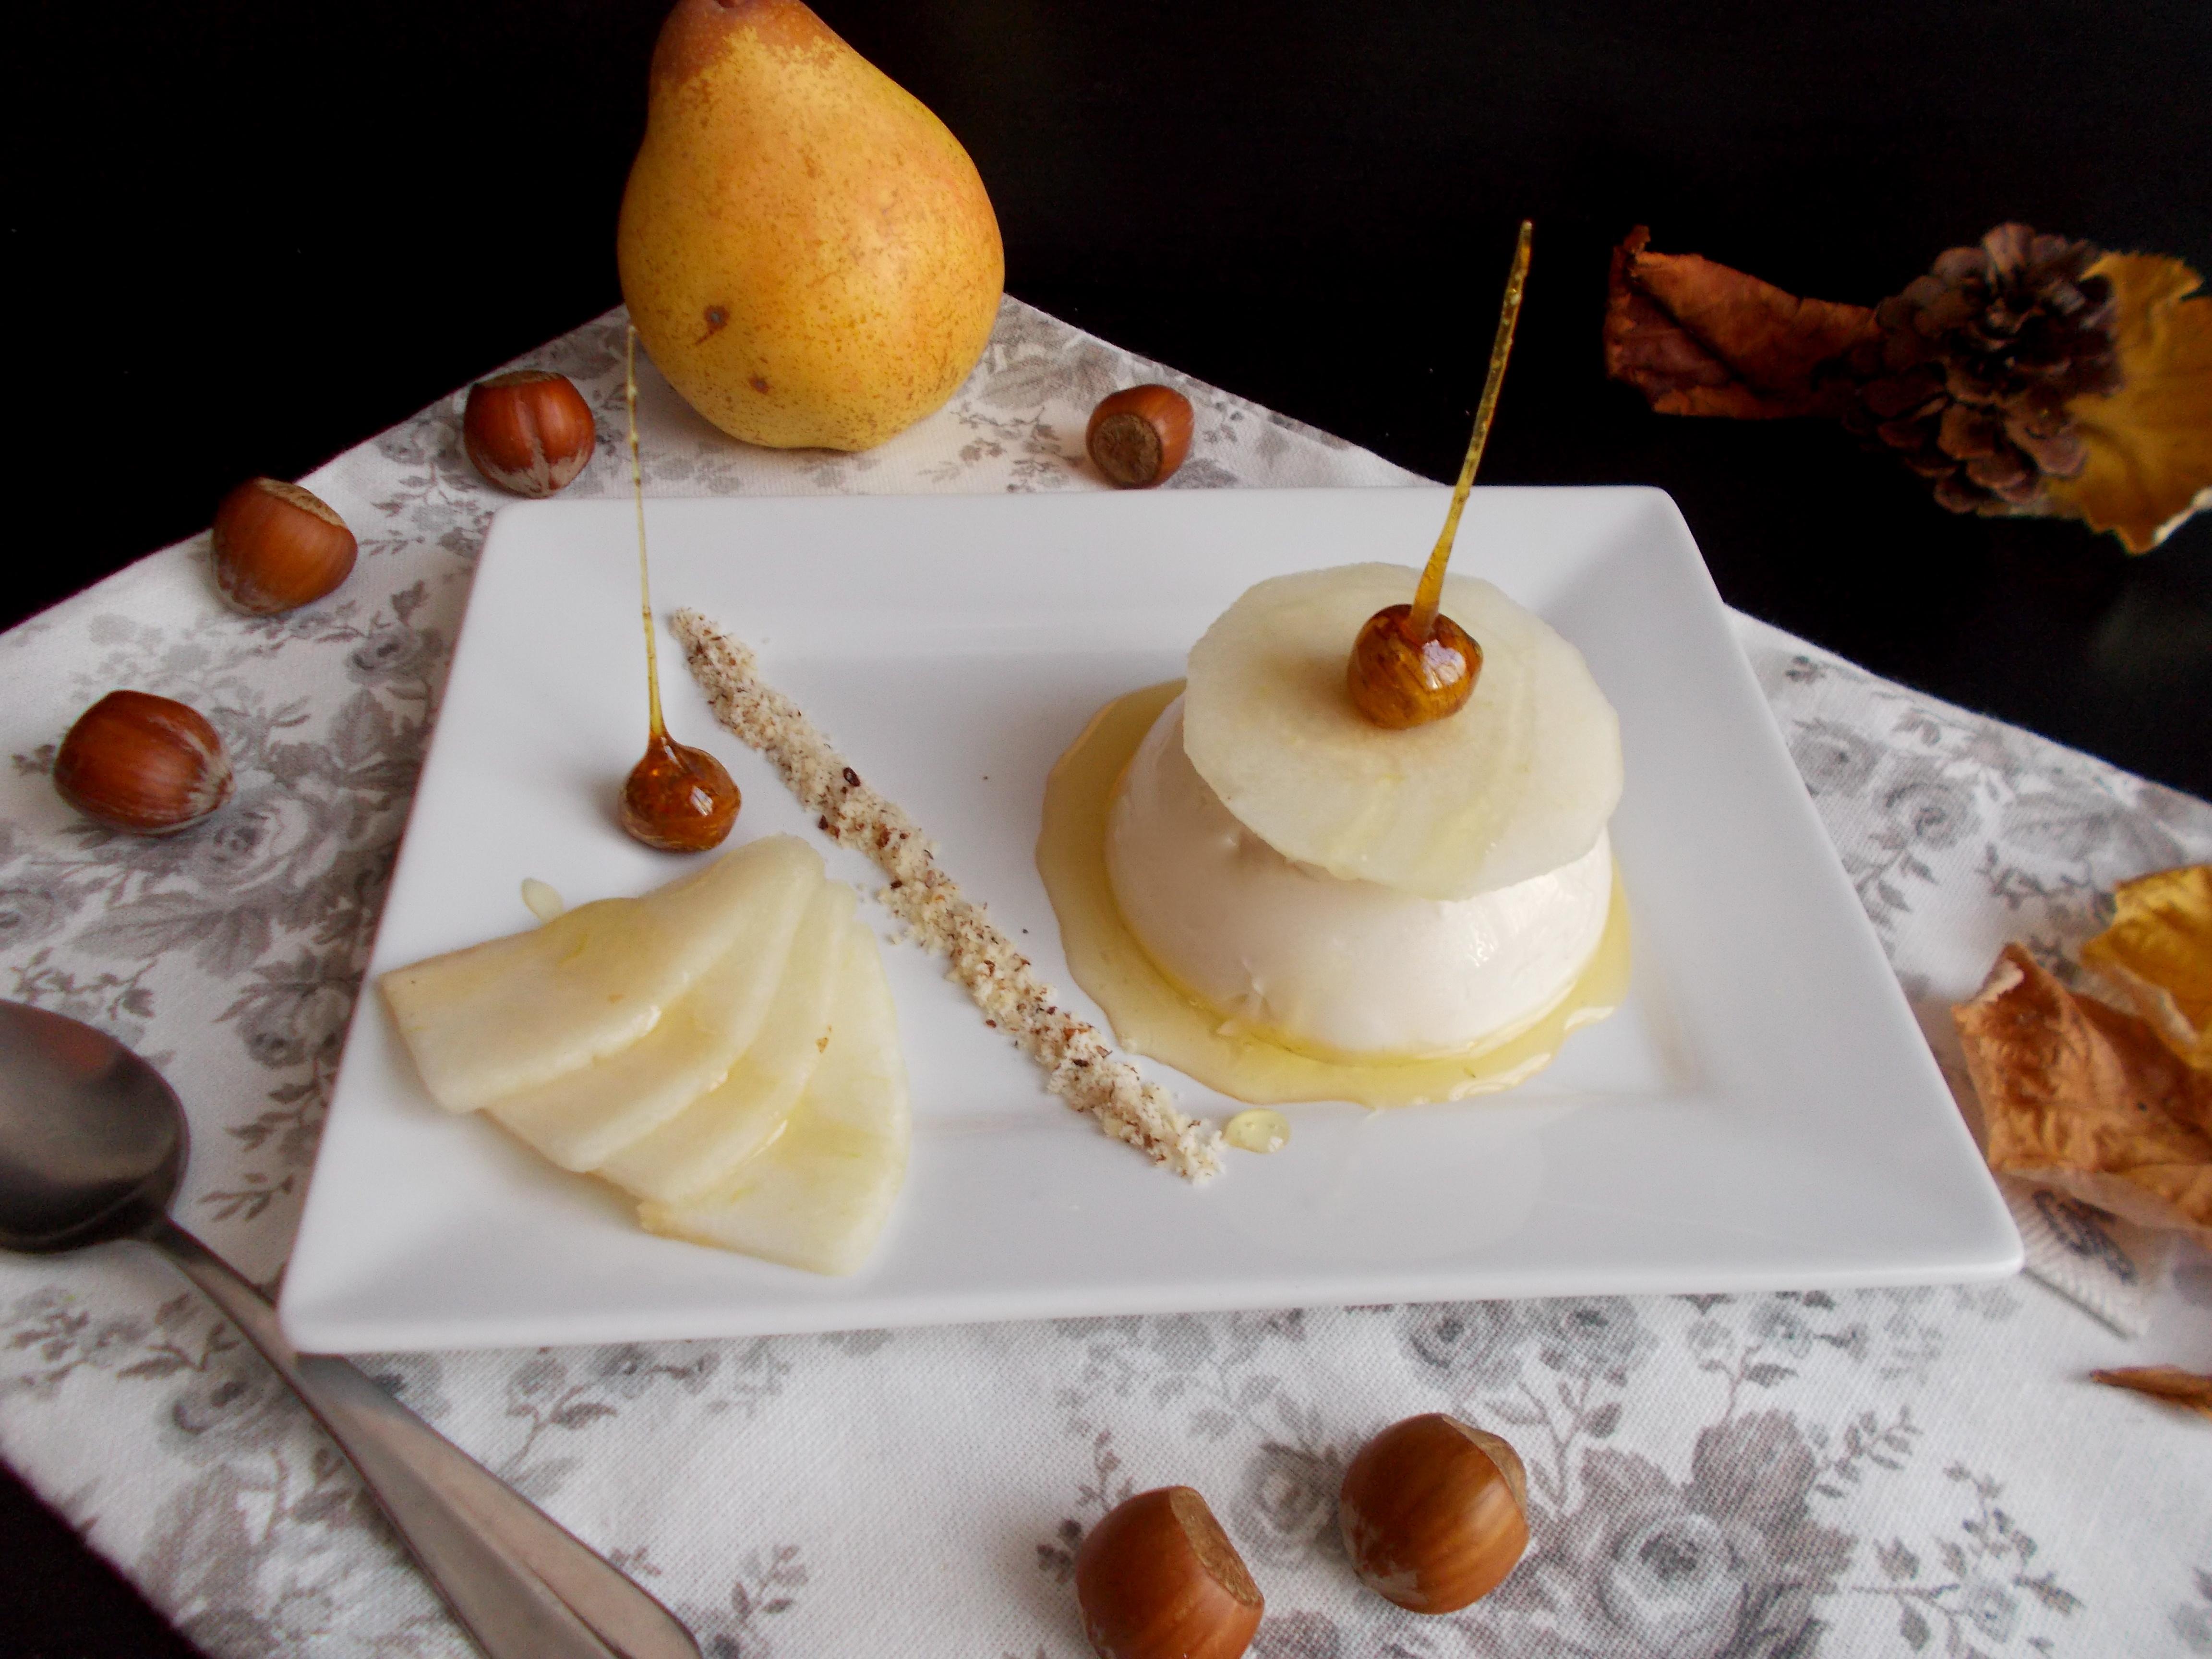 Panna cotta à la noisette et poires pochées au miel